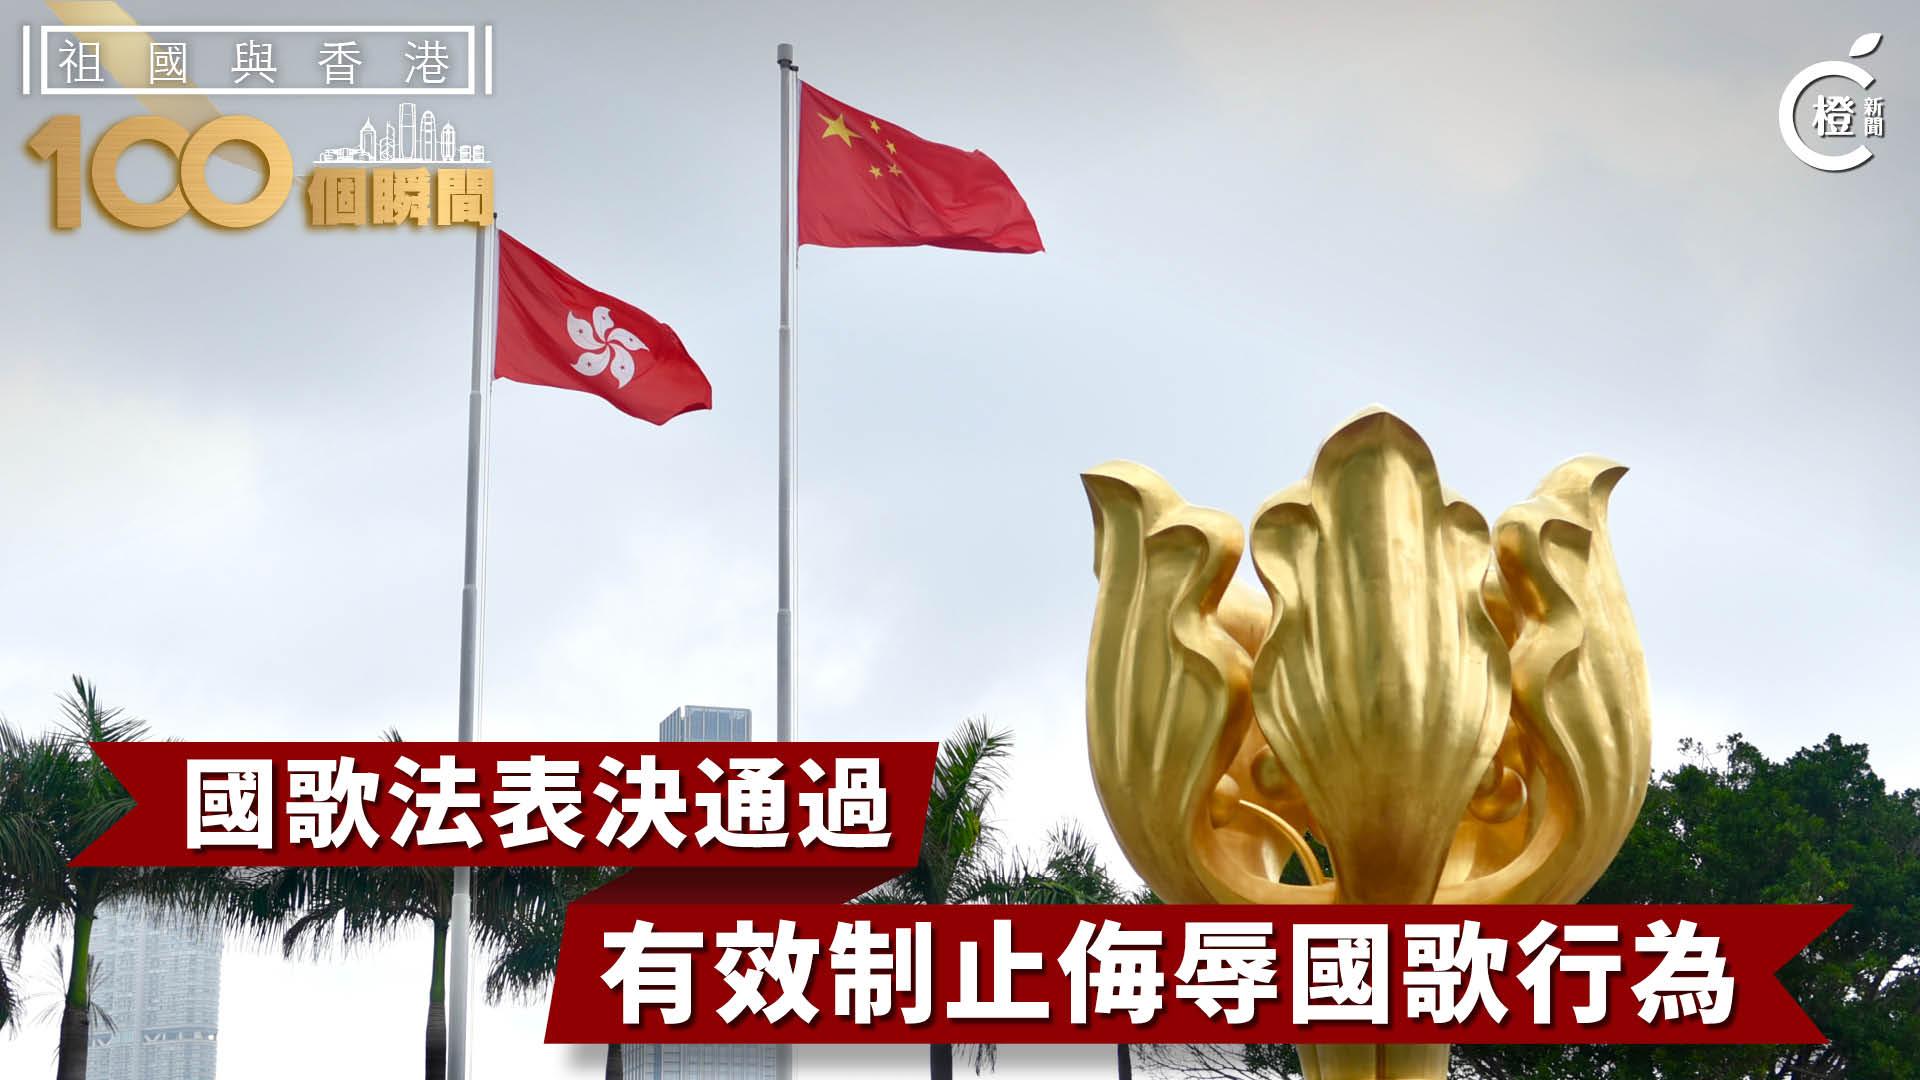 【祖國與香港100個瞬間】國歌法表決通過 有效制止侮辱國歌行為